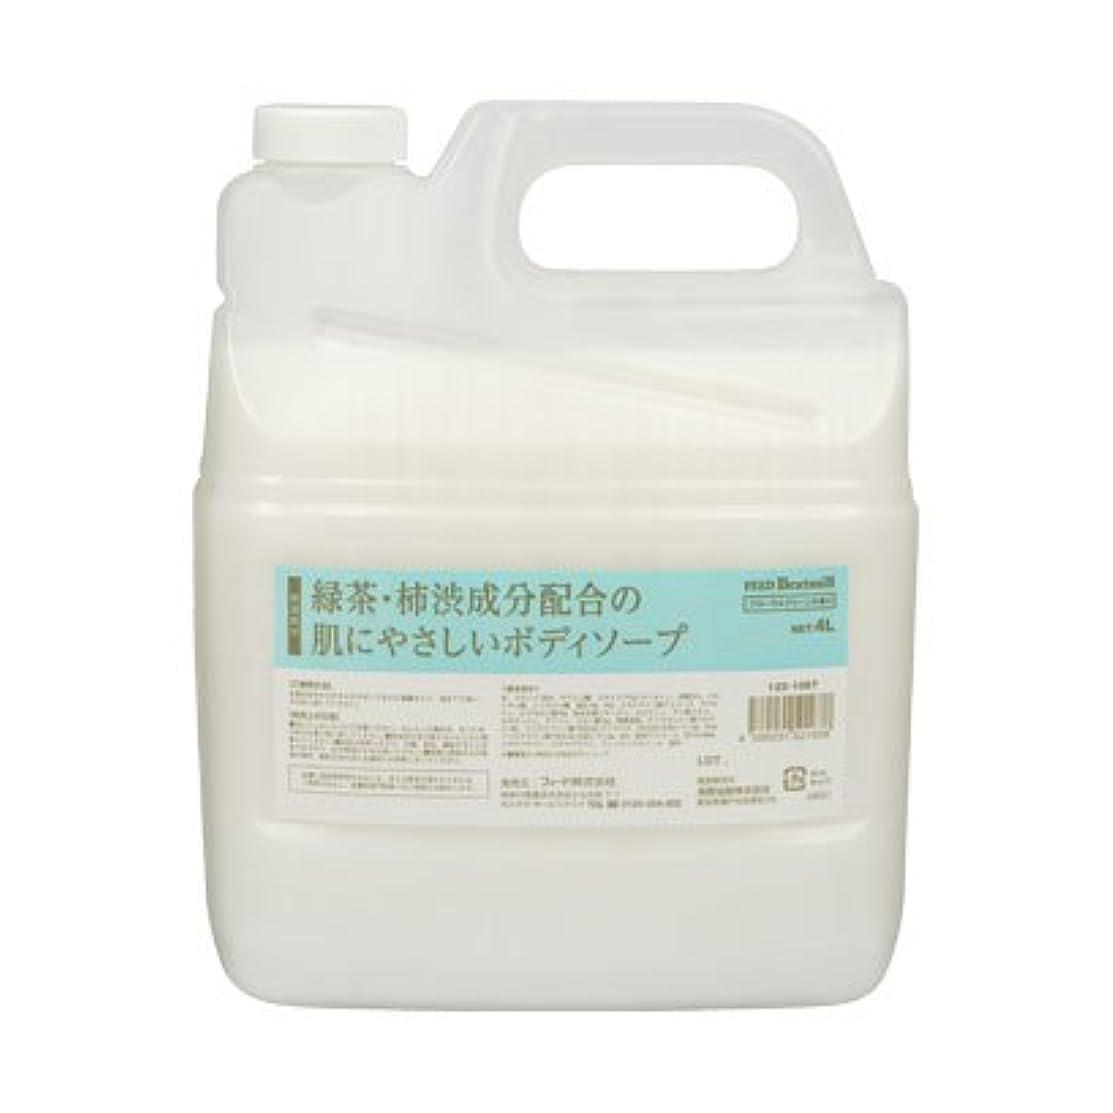 吹雪クレーンシーン【業務用】 FEED(フィード) 緑茶?柿渋成分配合の肌にやさしいボディソープ/4L 石けん 入数 1本